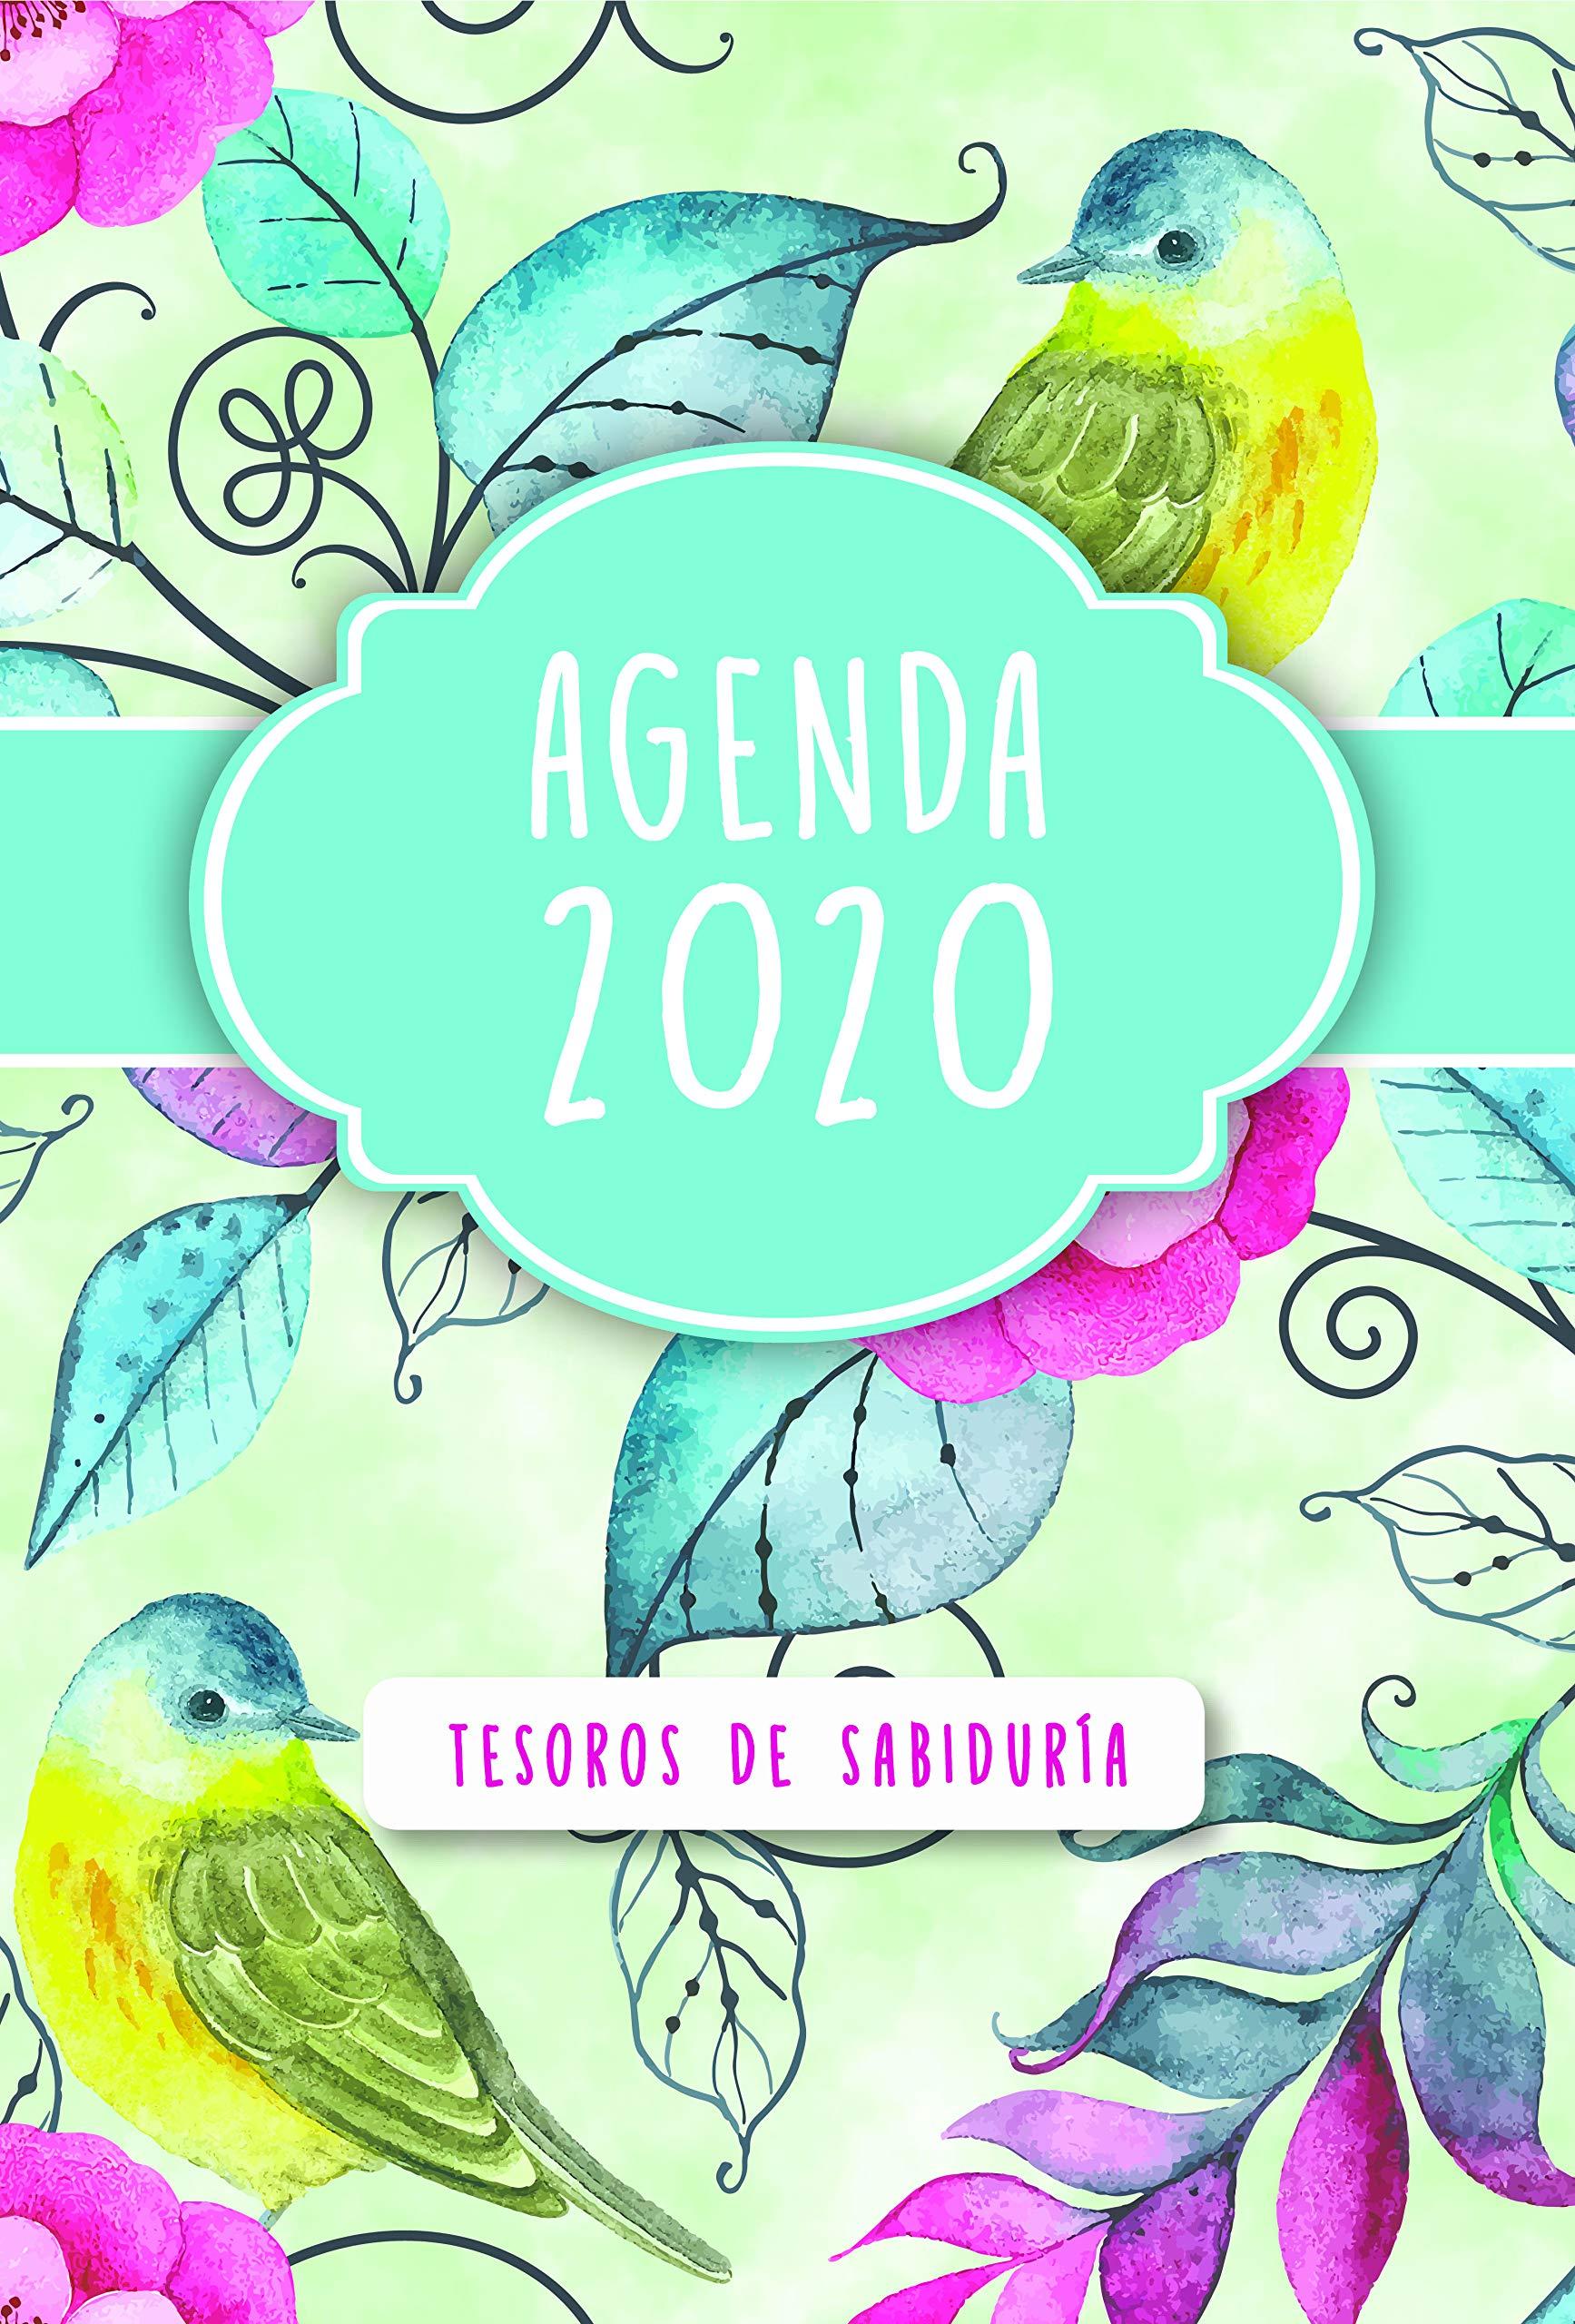 Amazon.com: 2020 Agenda - Tesoros de Sabiduría - aves y ...